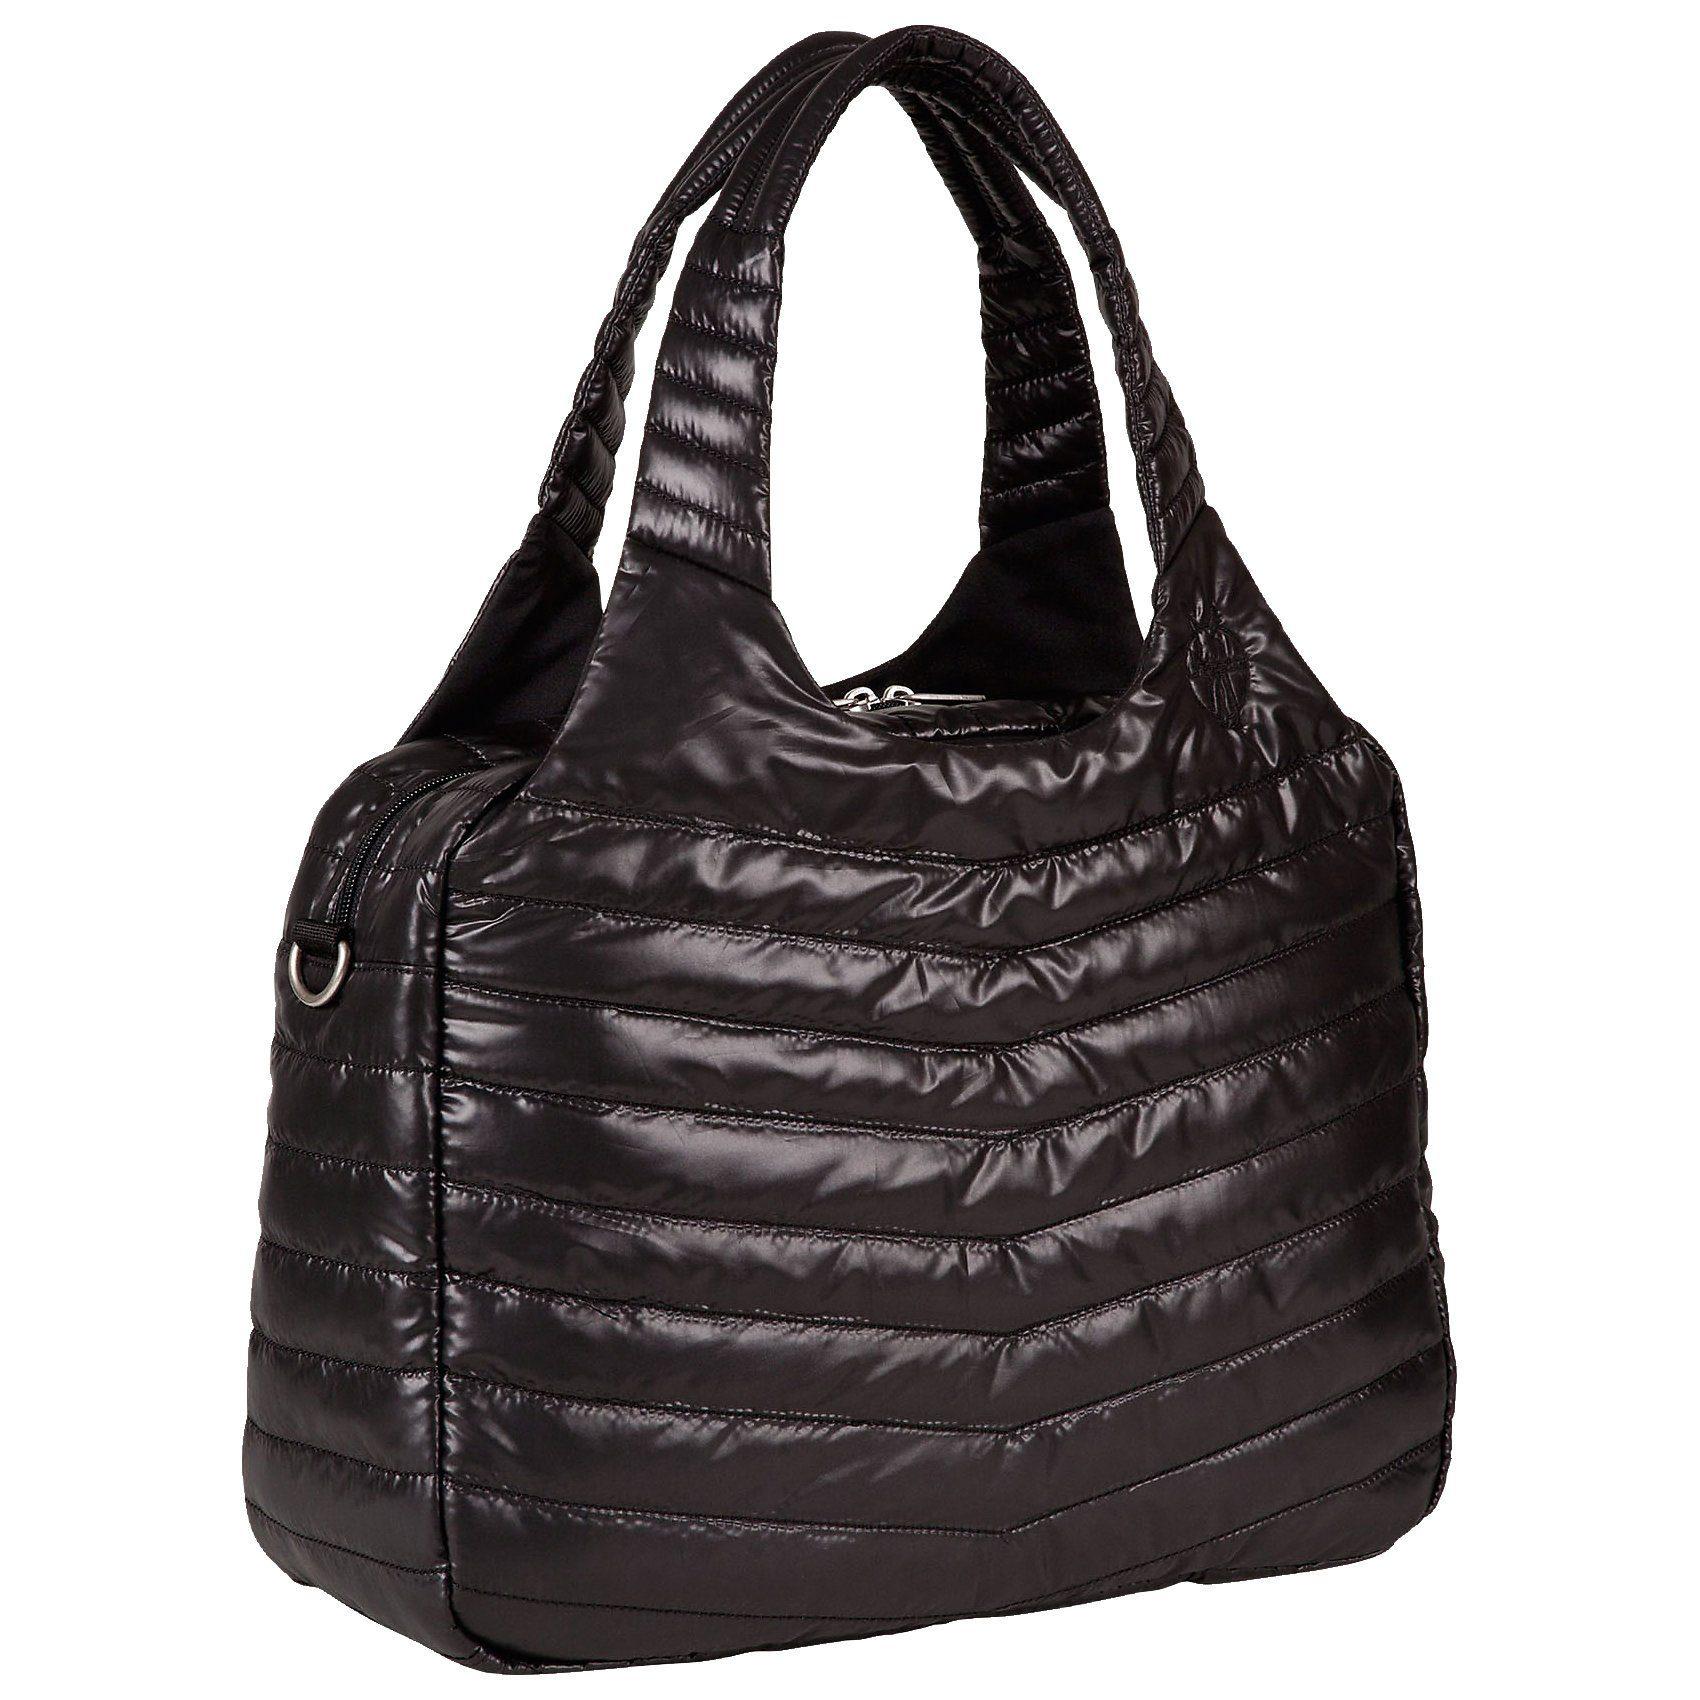 Lässig Wickeltasche Glam, Global Bag Pop, Black